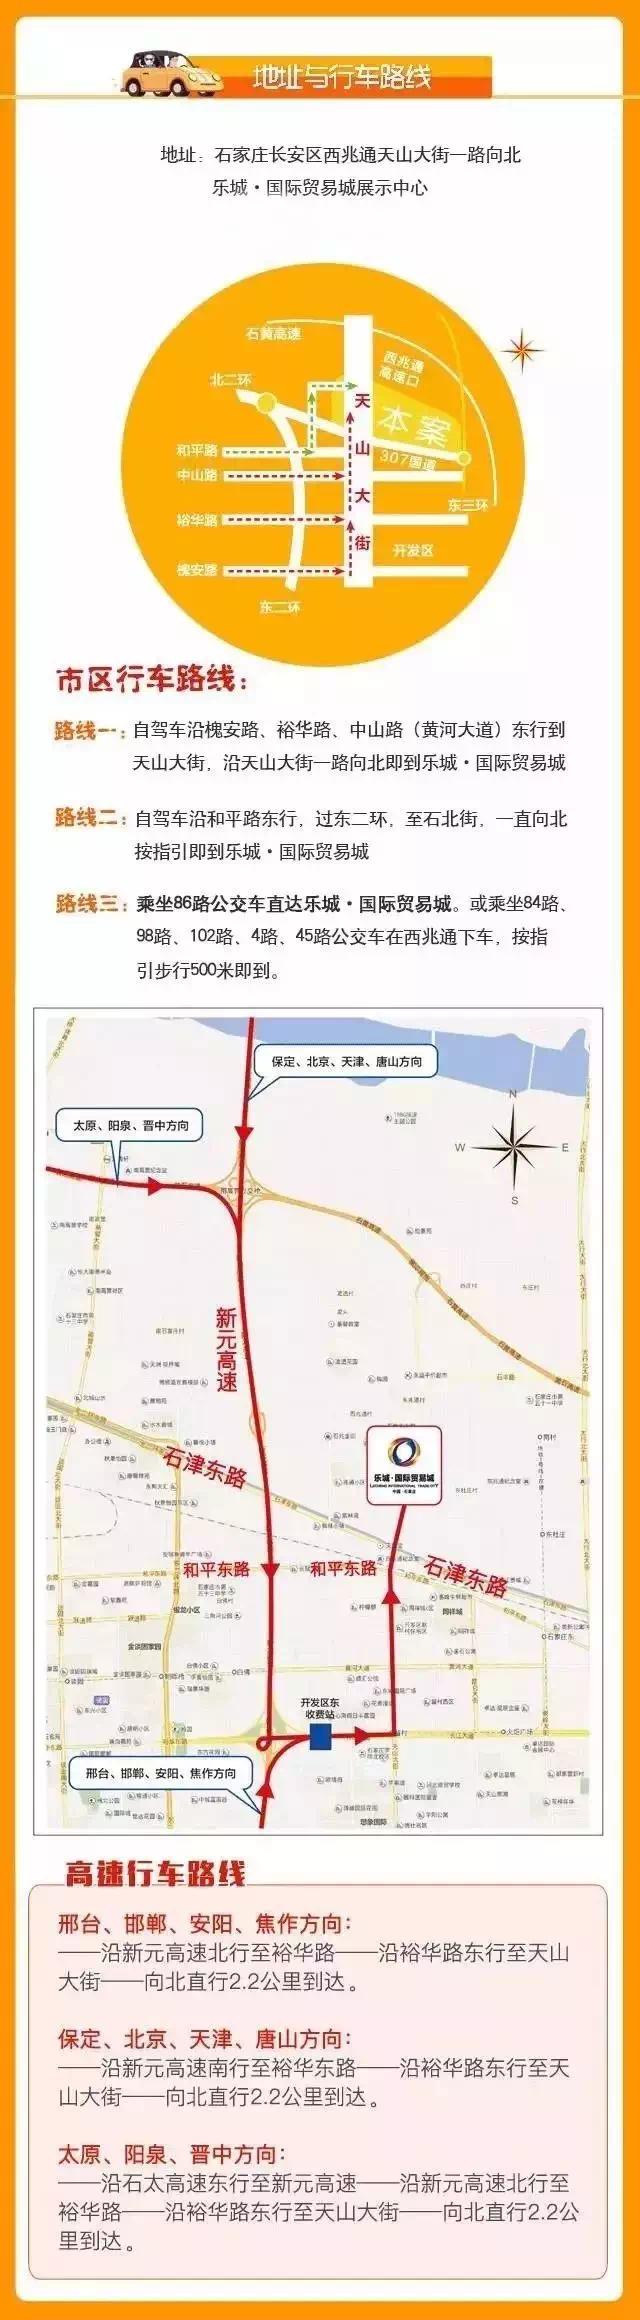 布局京津冀一体化大格局 乐城与保定区域达成战略签约